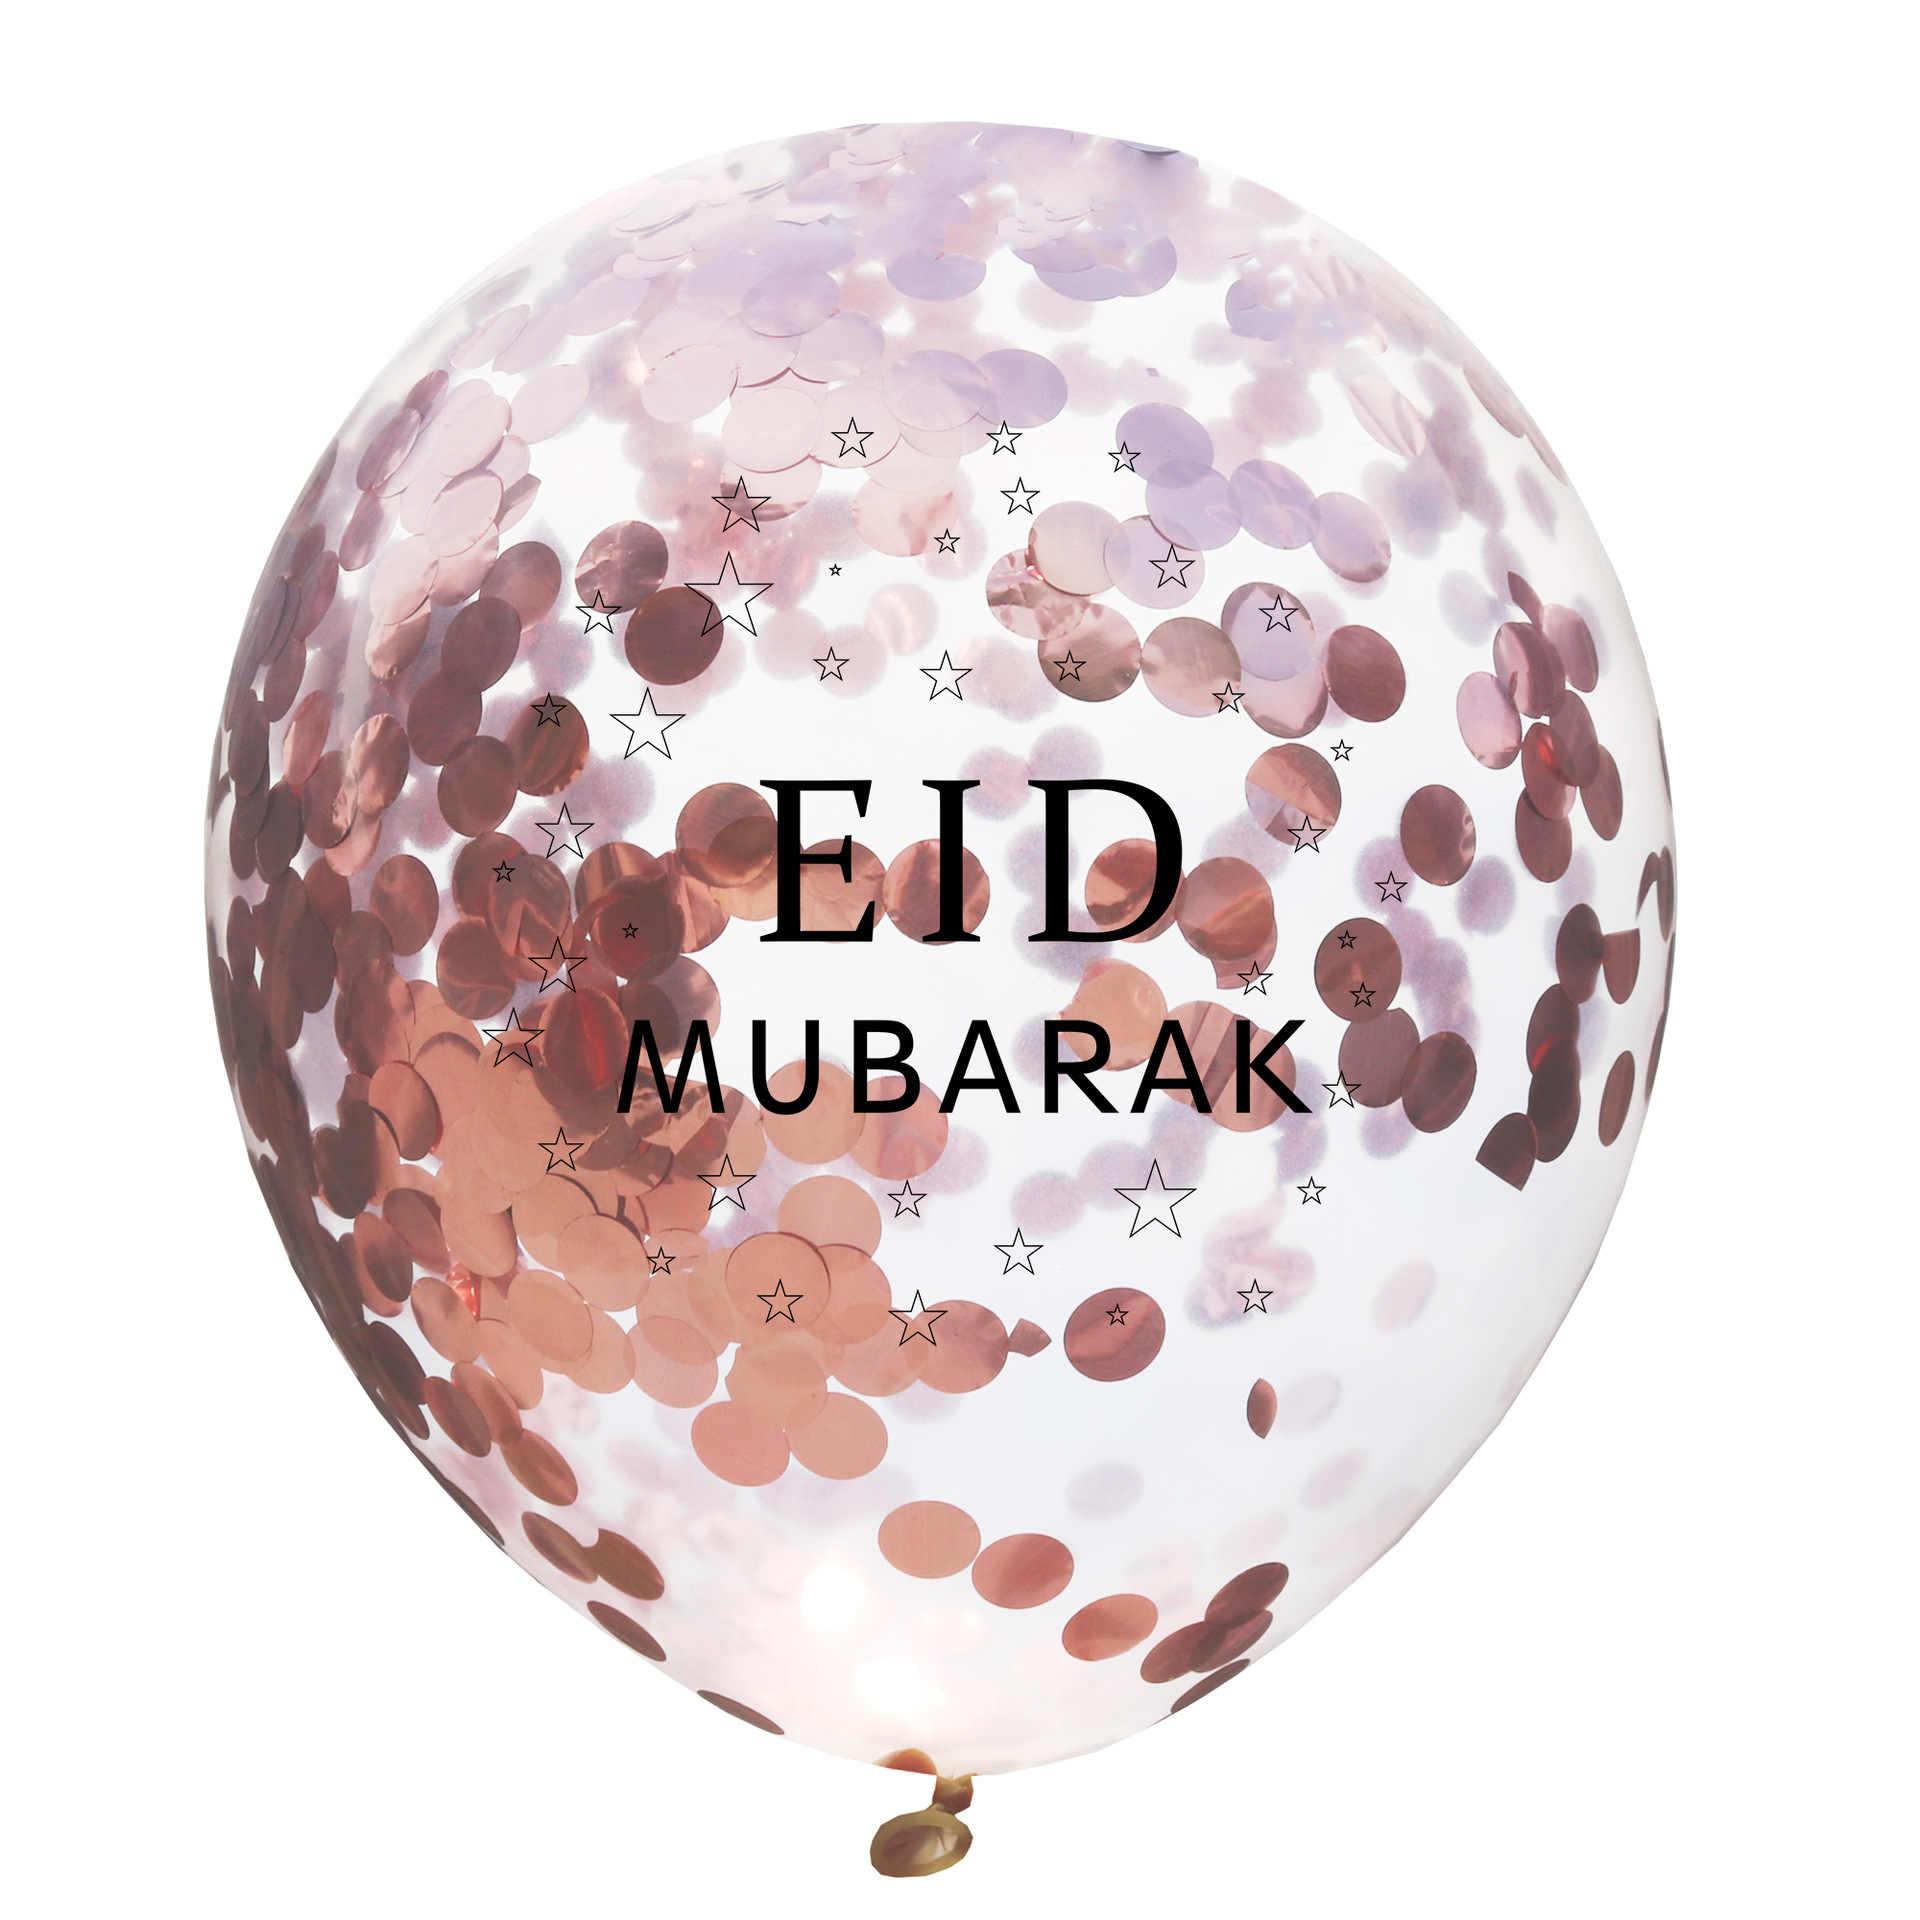 5 PS 12 inch EID Mubarak Kareem Confetti Bóng Tháng Ramadan và EID Đồ Trang Trí cho Nhà Ramadan Mubarak Trang Trí Tiệc Cưới nguồn cung cấp